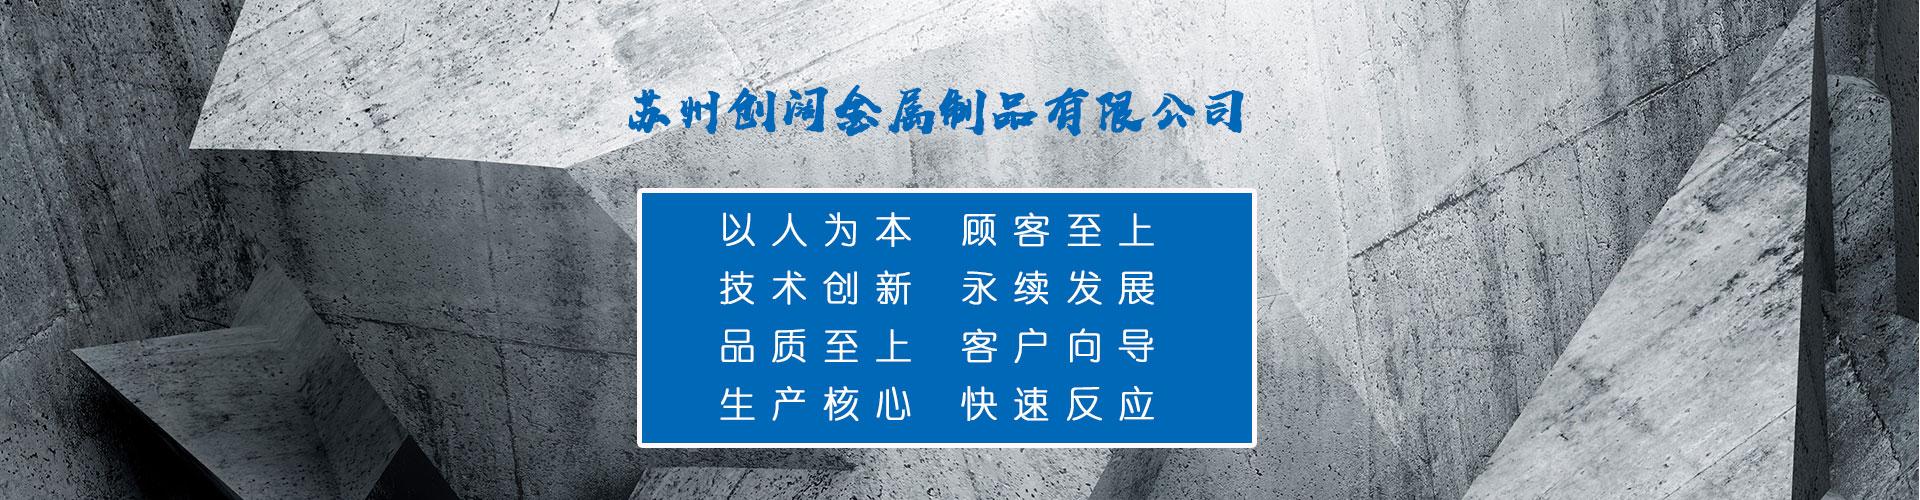 苏州创阔金属制品有限公司